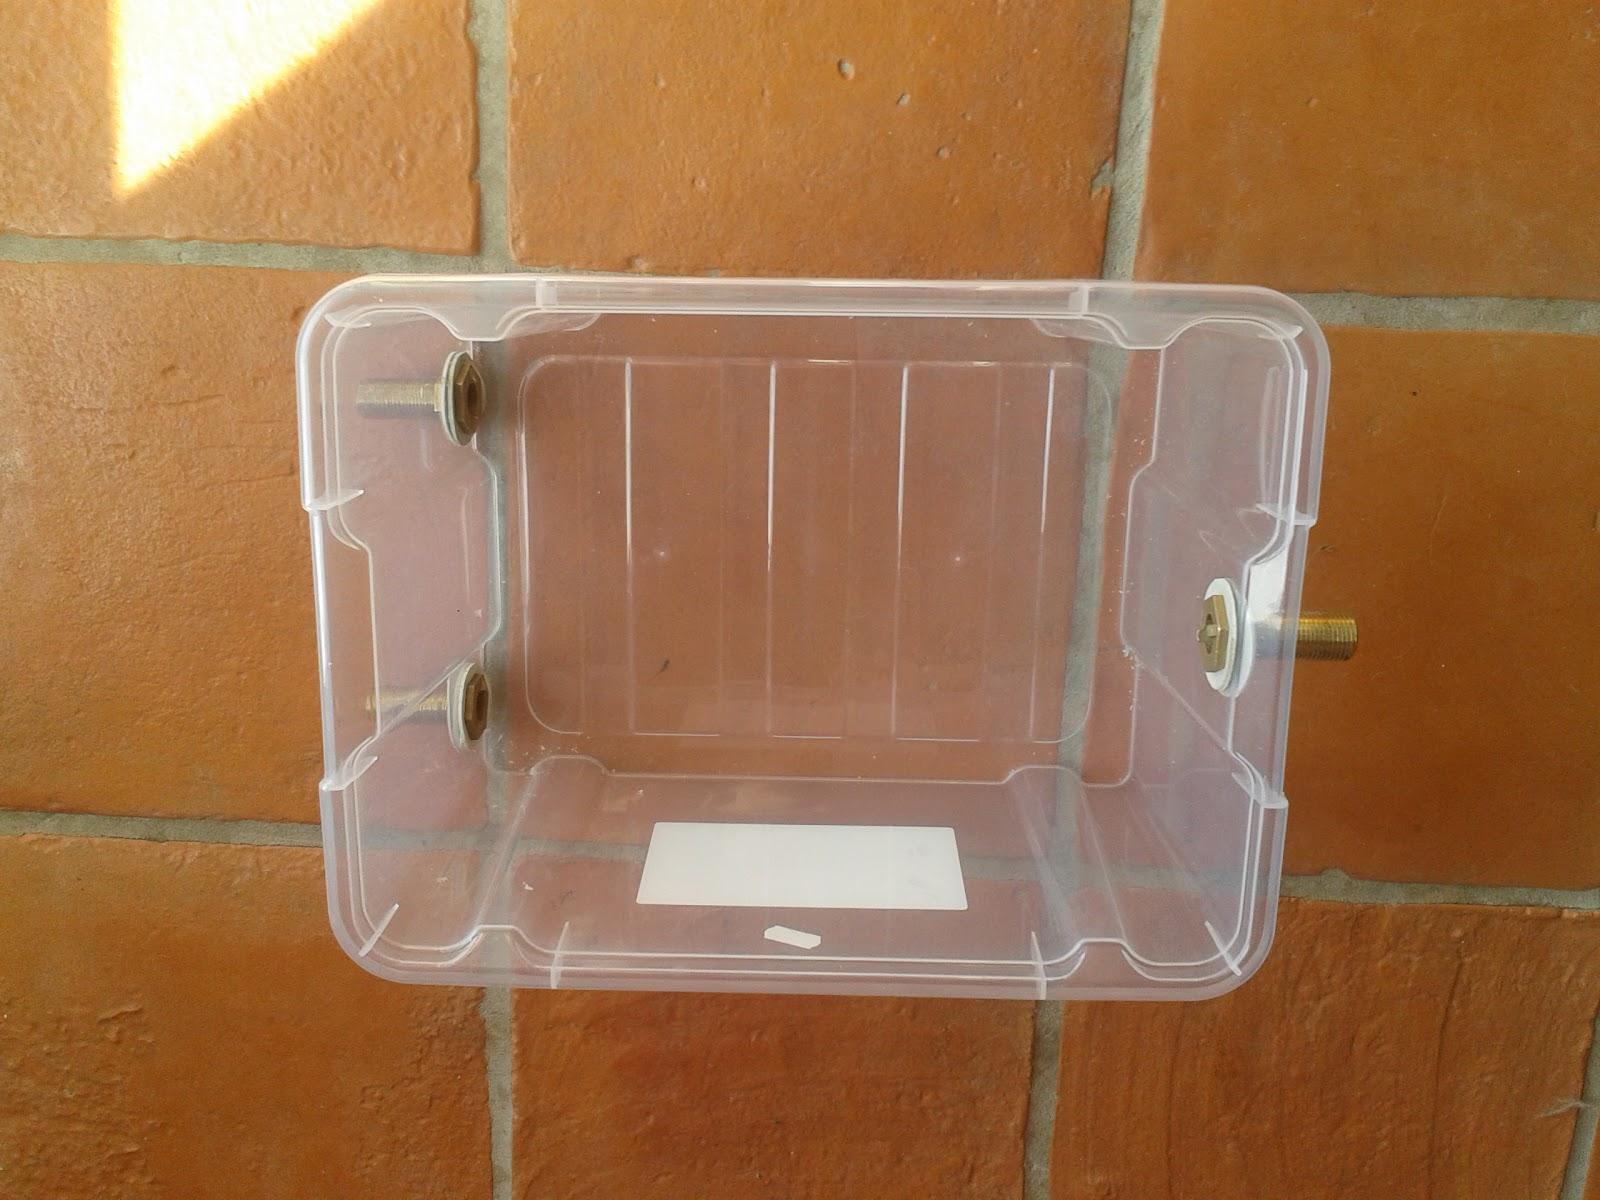 Pelki blog filtro para estanque - Plastico para estanques ...